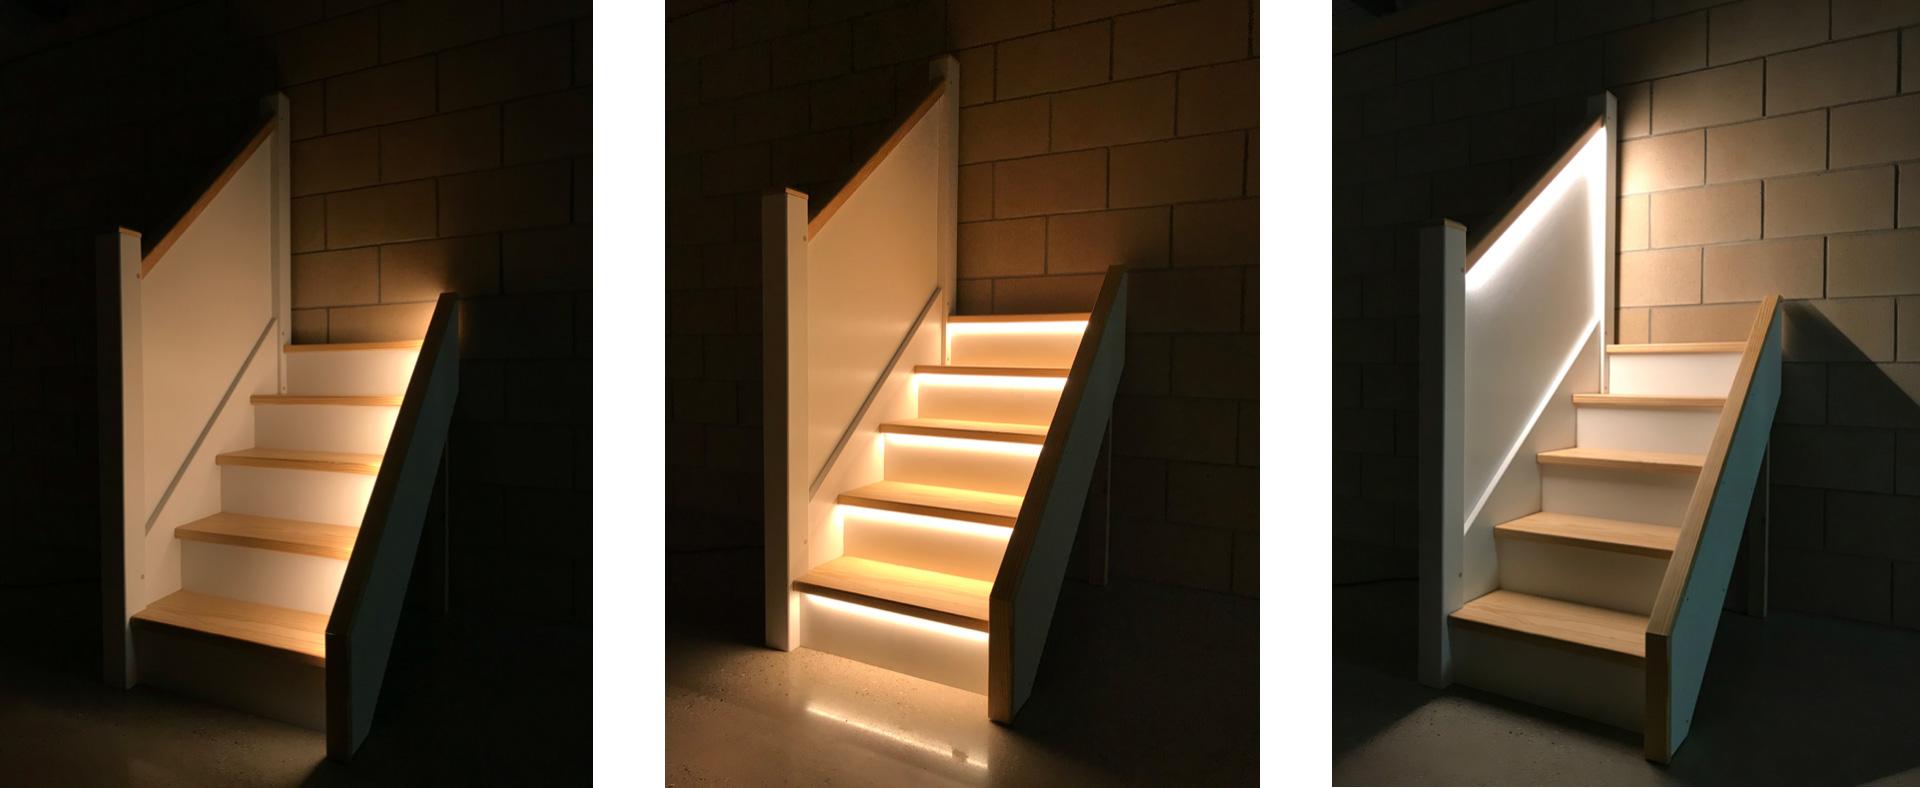 eleanor-bell-design-tips-staircase-lighting-options.jpg